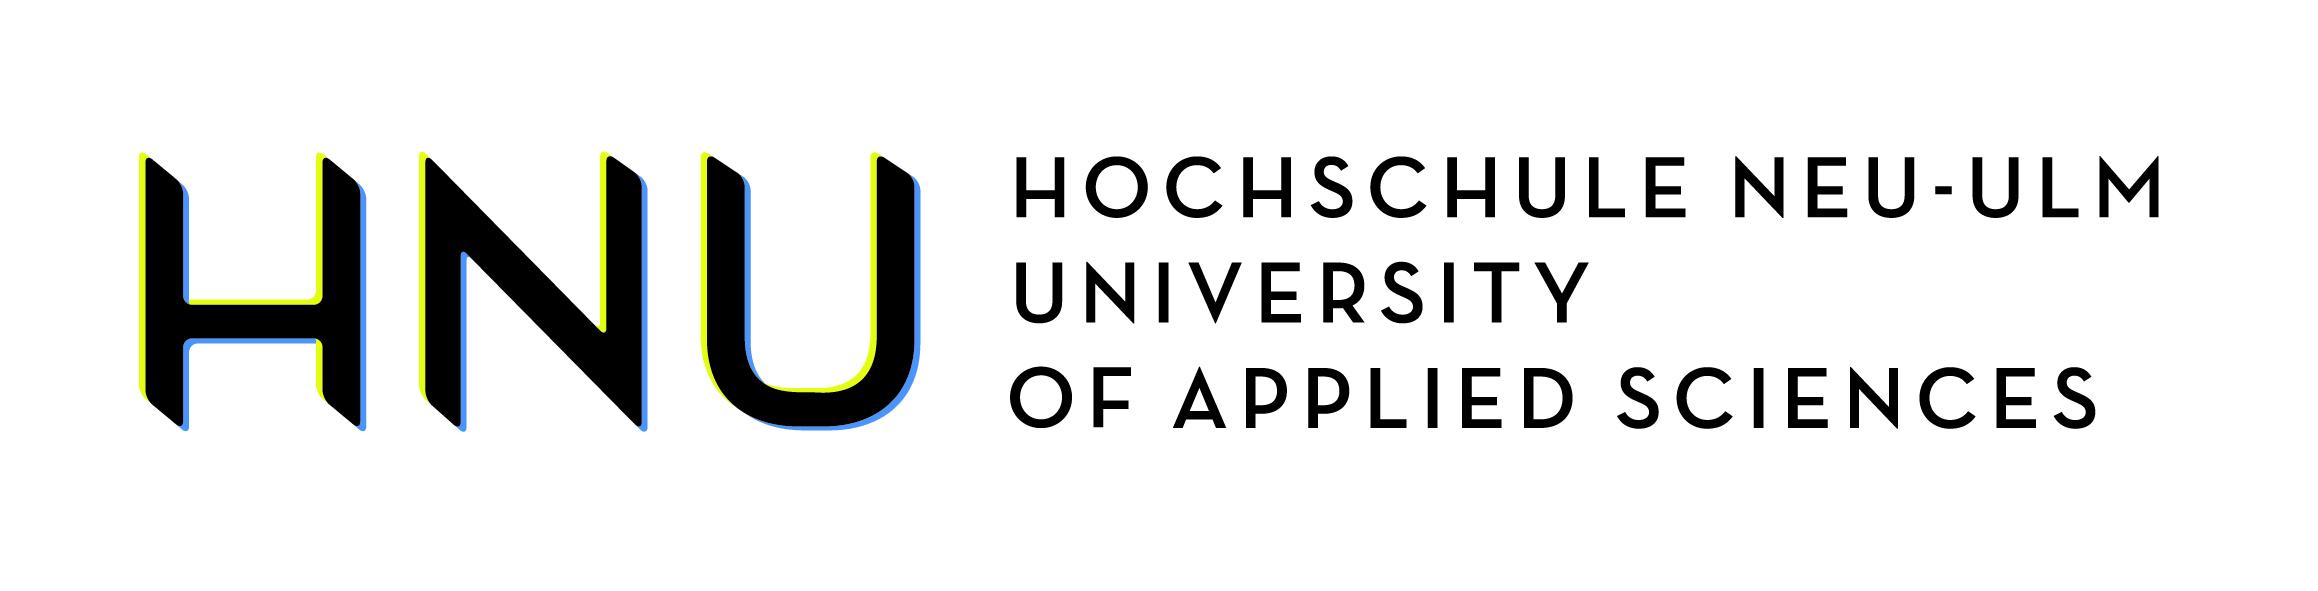 Logo Hochschule Neu-Ulm – University of Applied Sciences